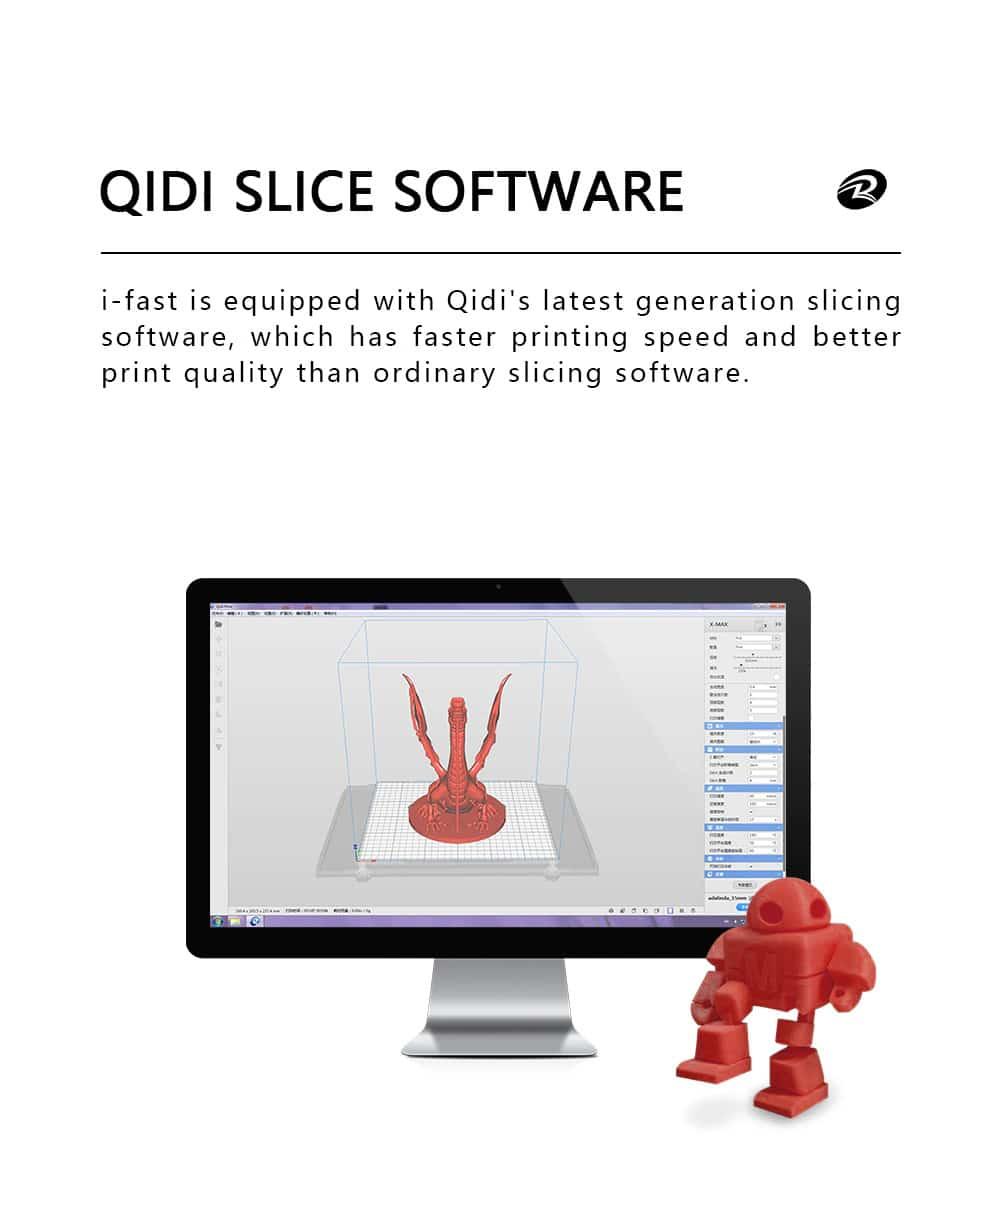 תוכנה להדפסה qidi ifast